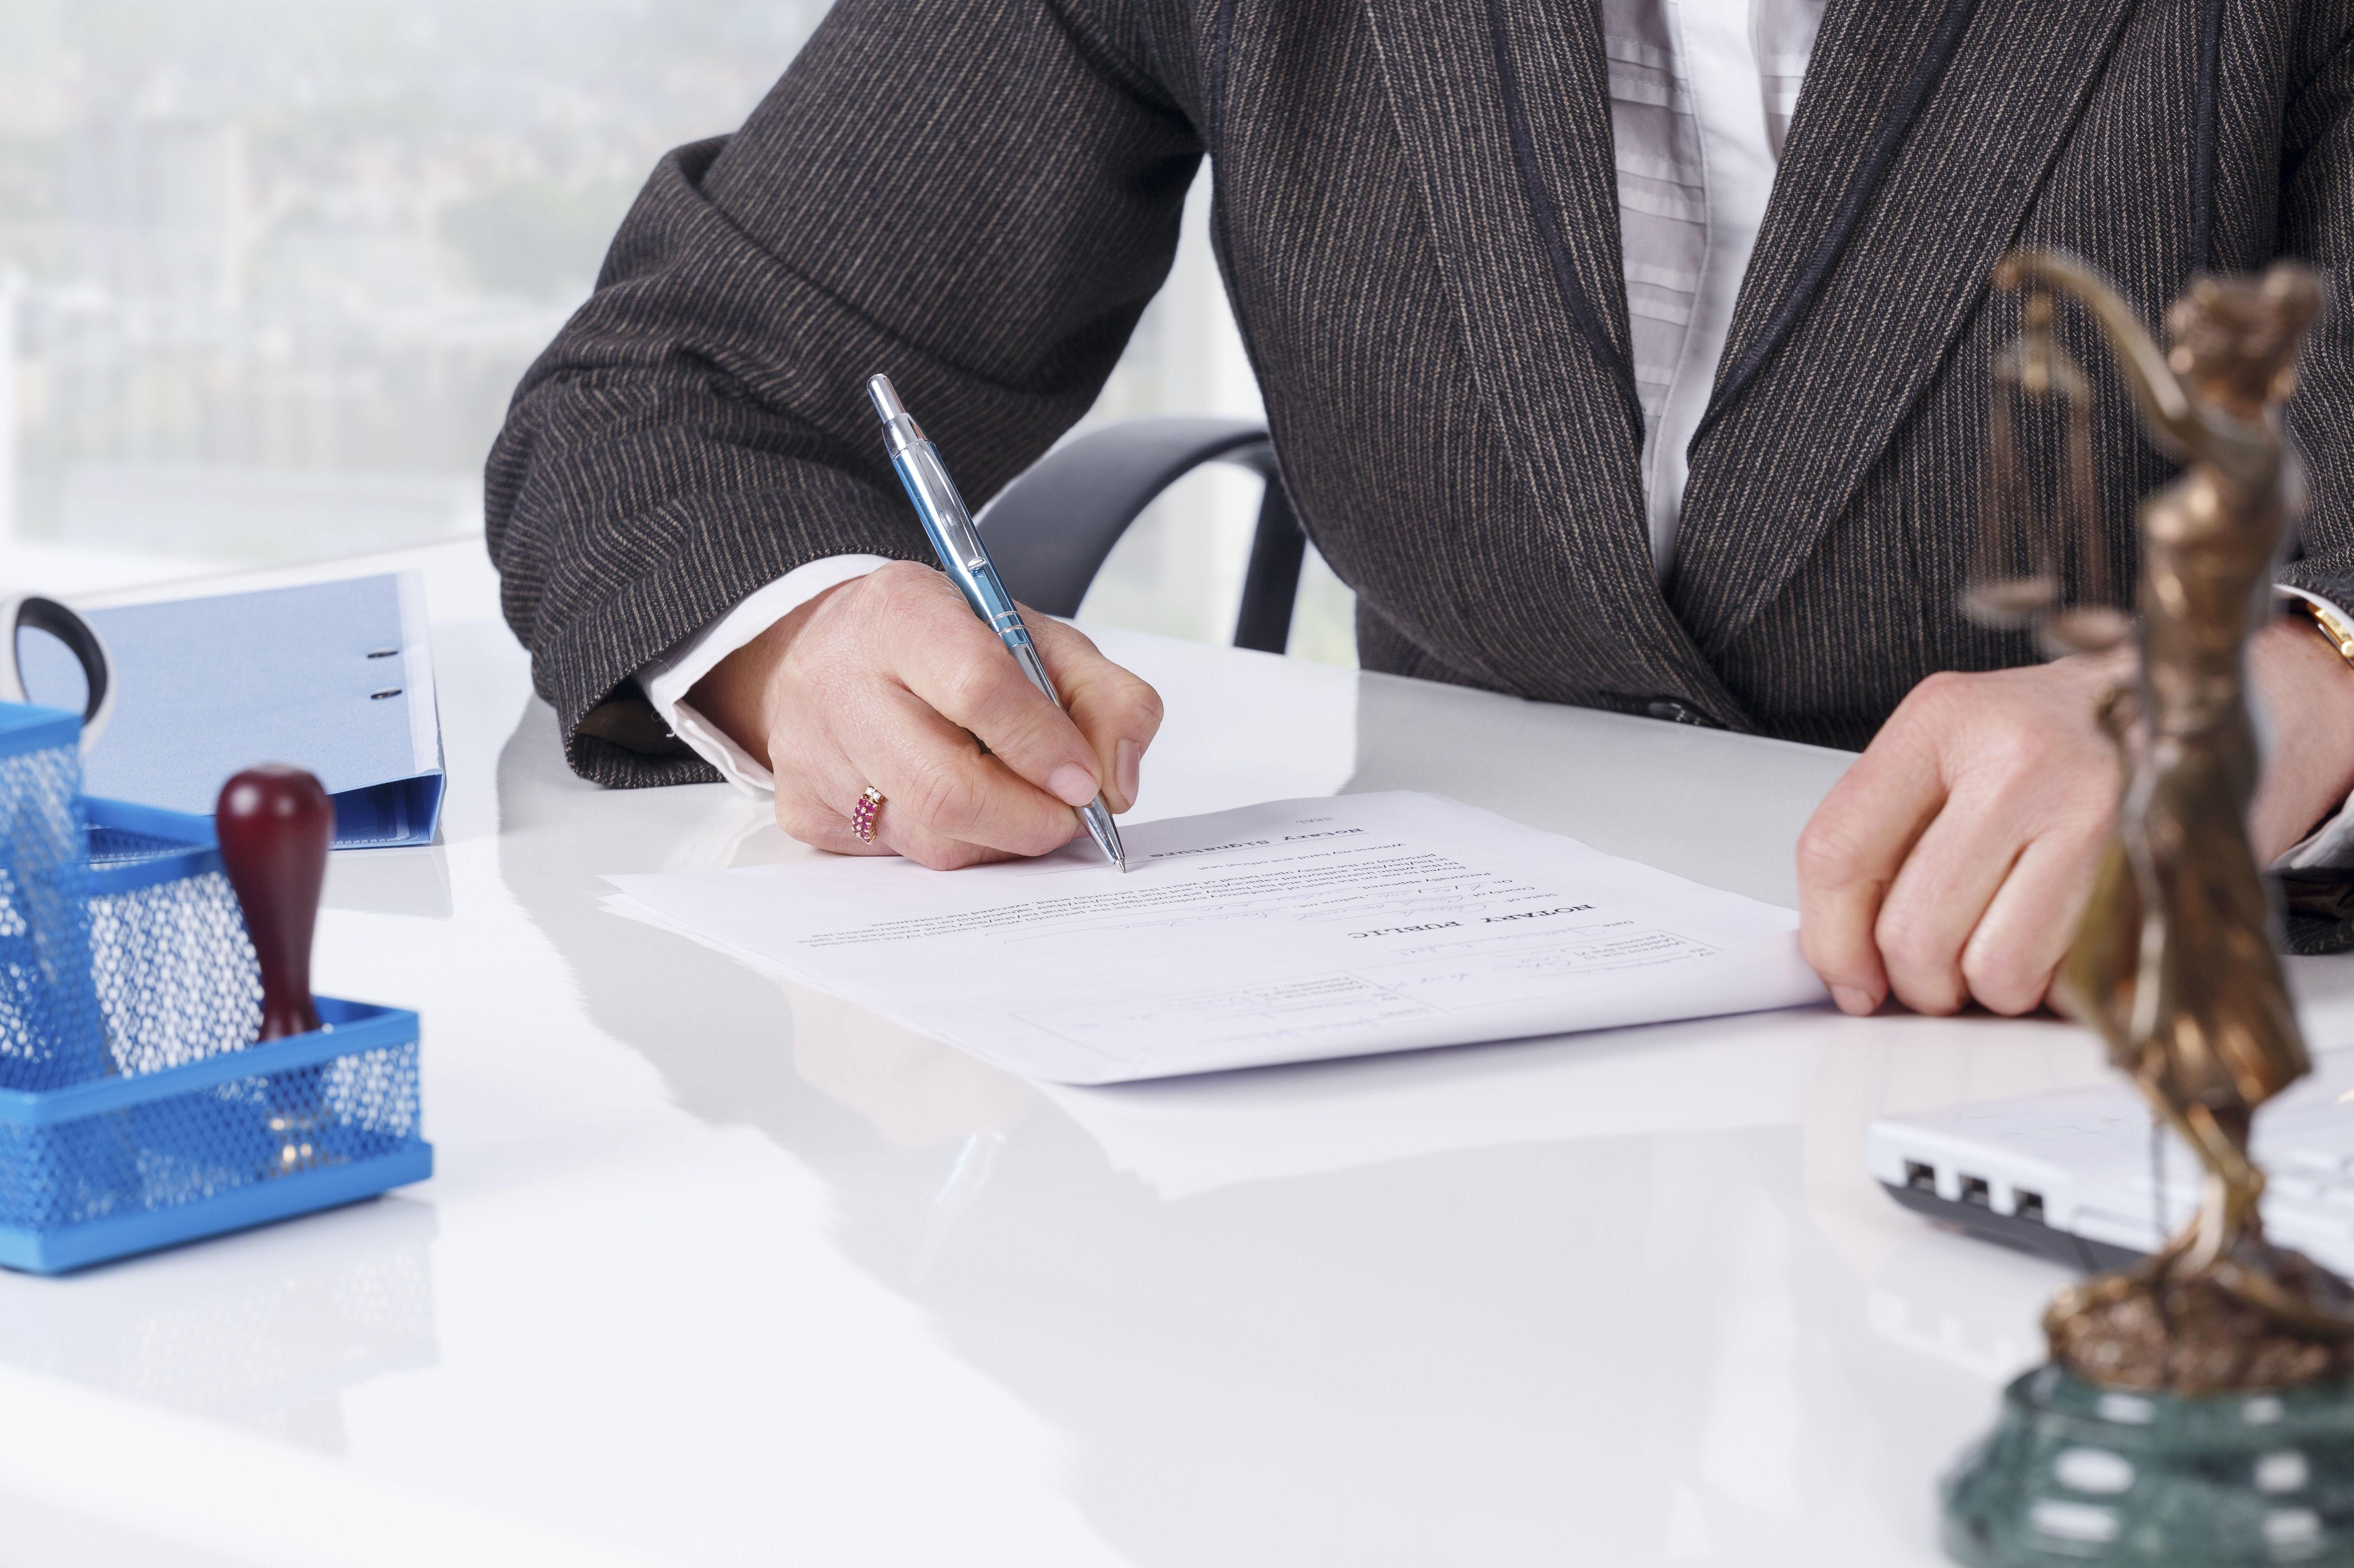 Administrativo y contencioso administrativo: Servicios  de Despacho de Abogados Fernando Sánchez Barriuso